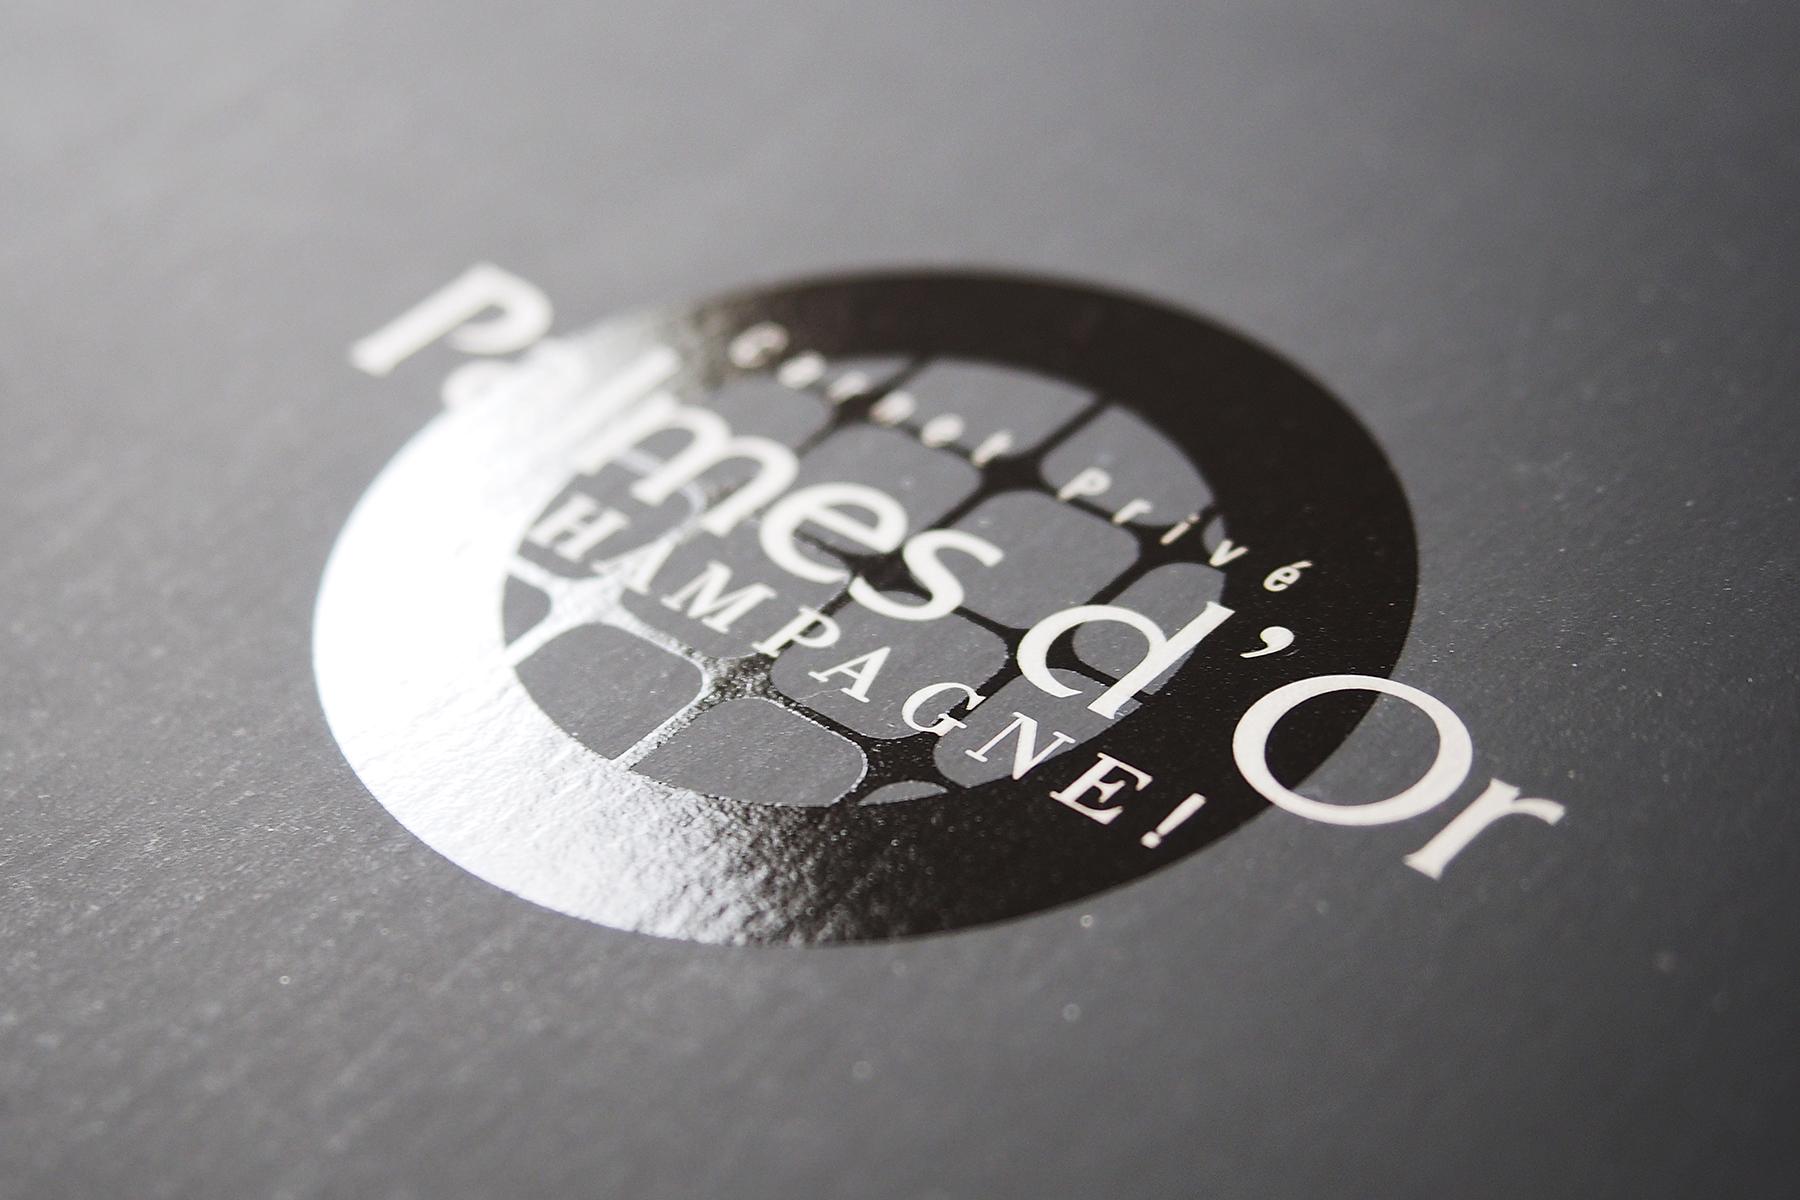 Imprimerie moutot - imprimeur - vernis partiel